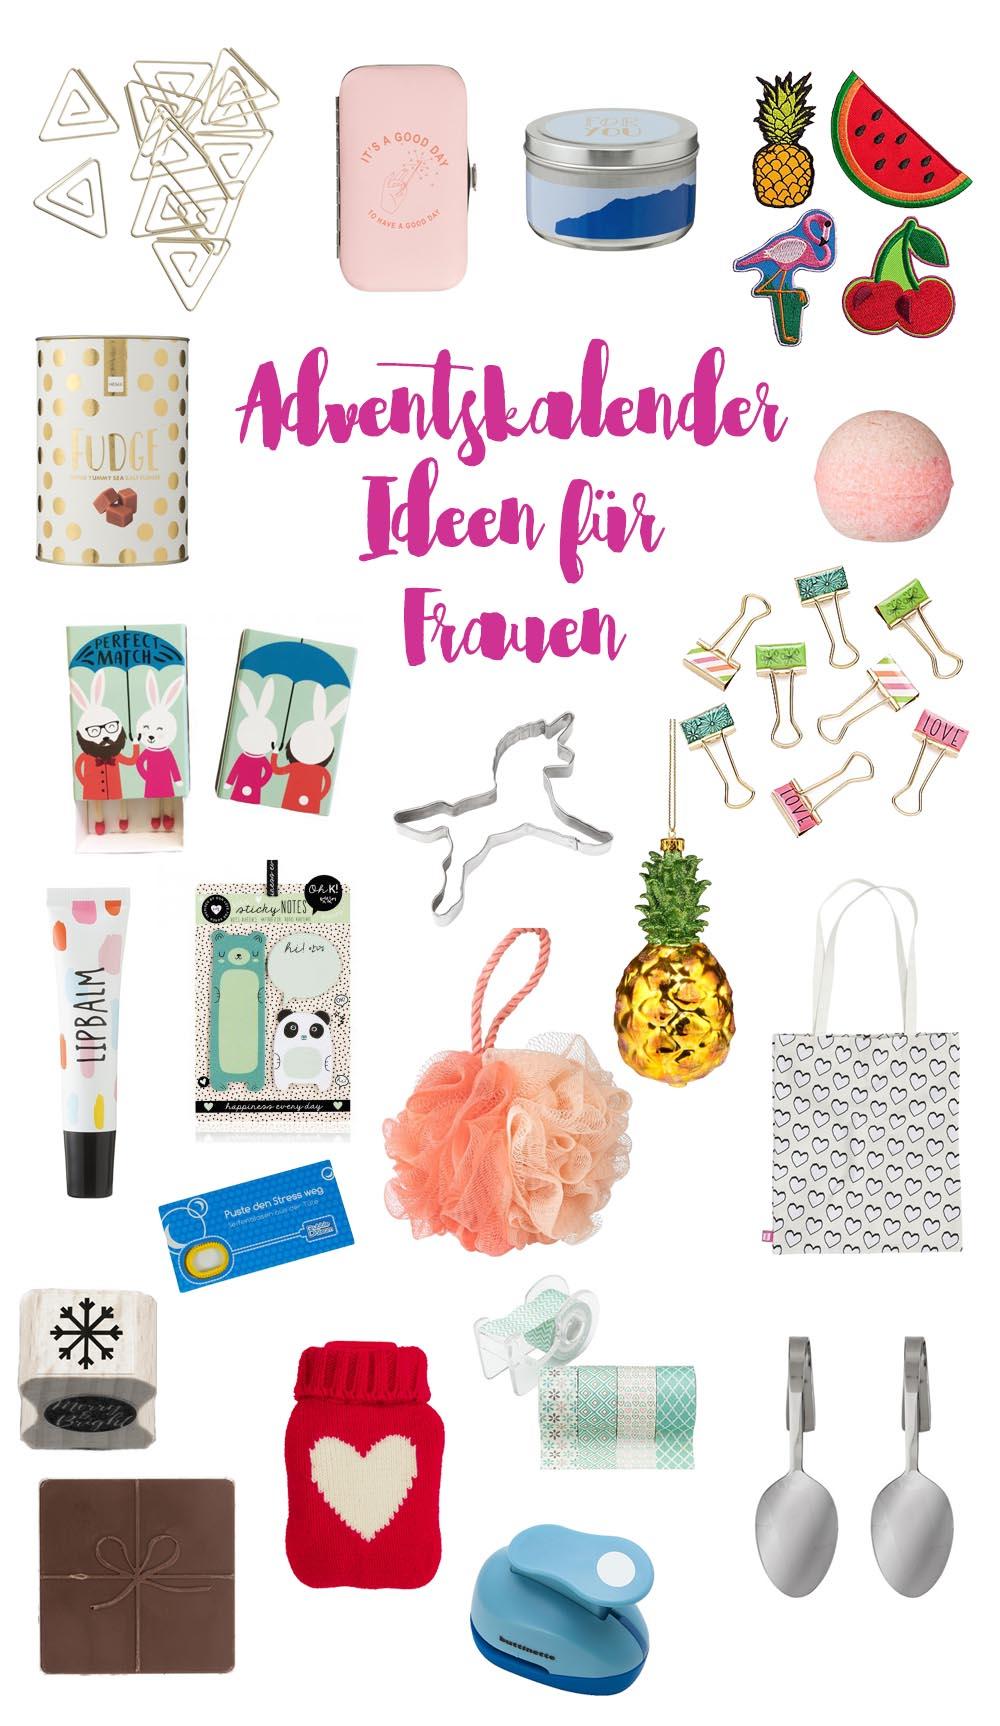 Adventskalenderideen für Frauen, kleine Geschenke 2017